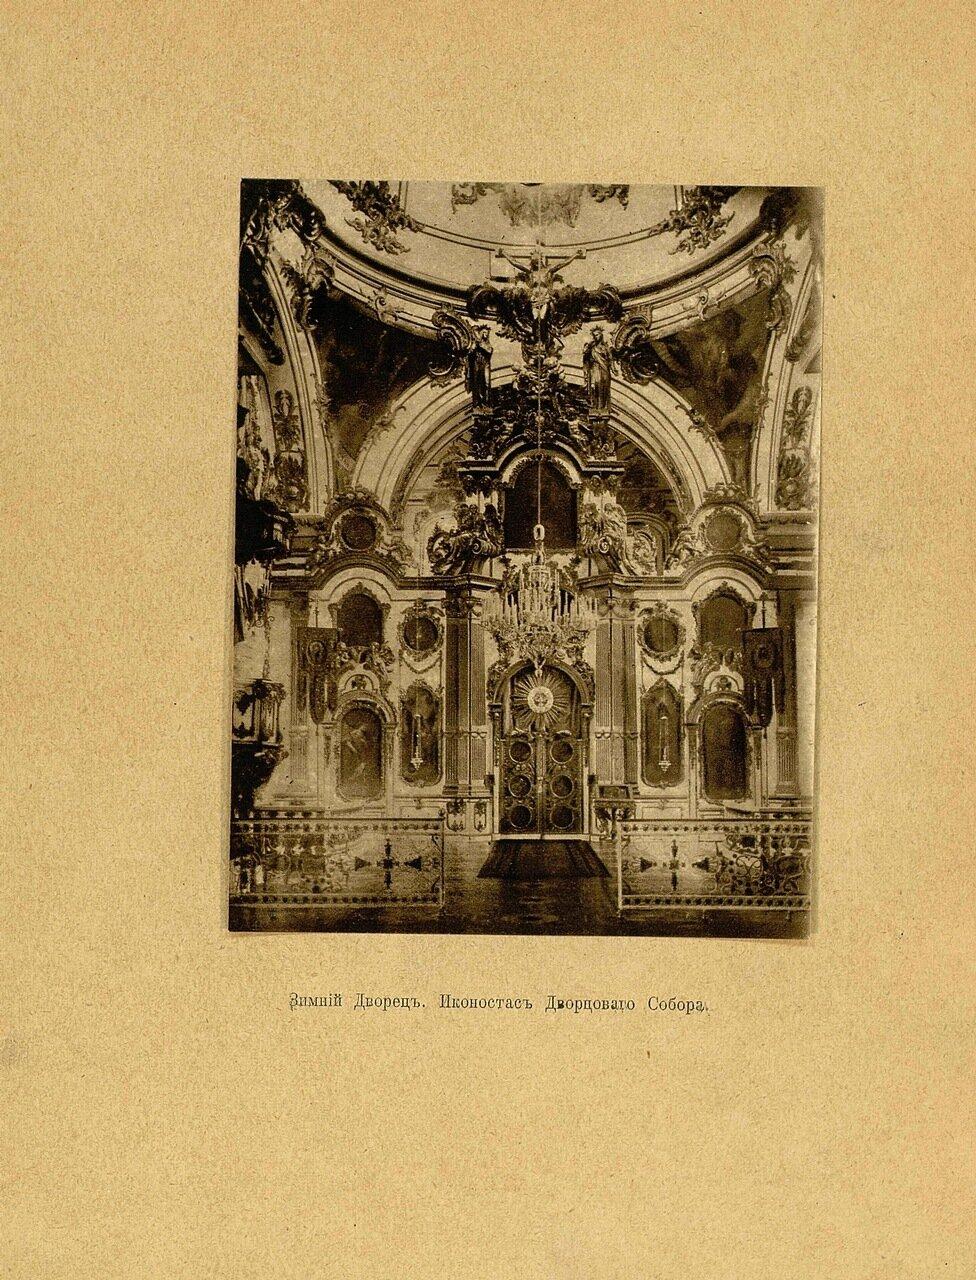 Иконостас Дворцового Собора